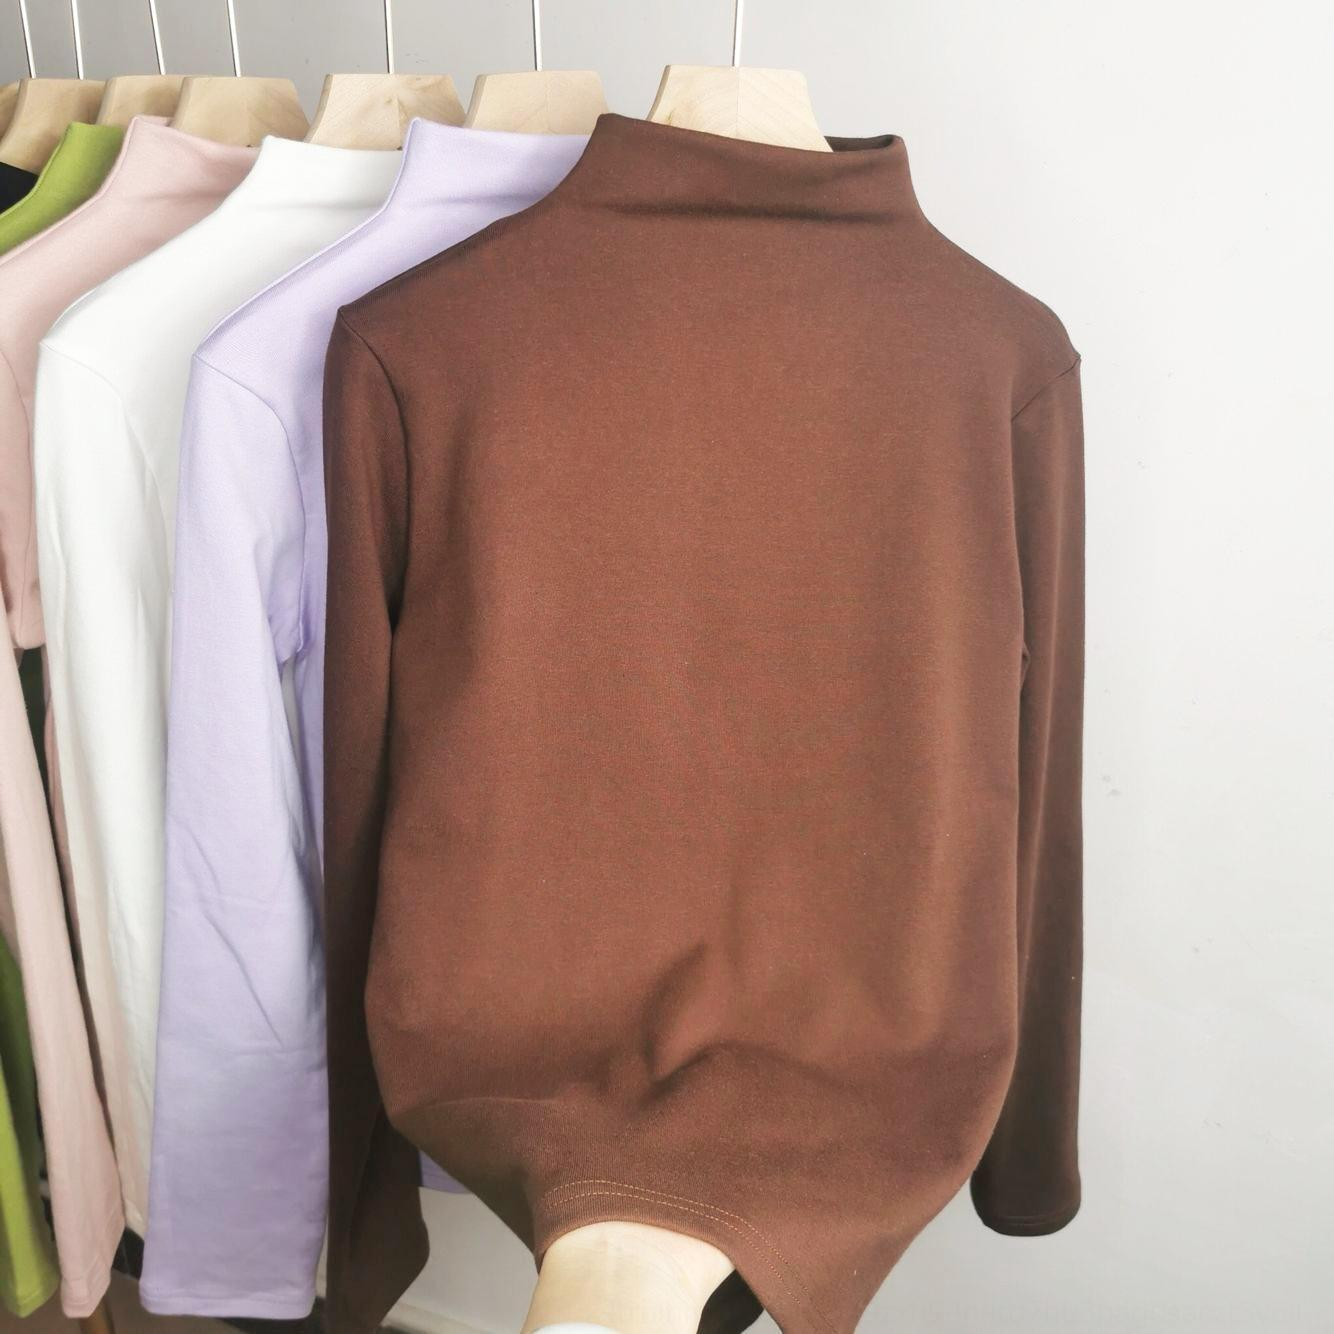 s4vEH Sj7Jt 2020 et T-shirt chaud de base T- col à mi-hauteur intérieure mince chemise de couleur unie automne usure chaud à manches longues hiver de femme